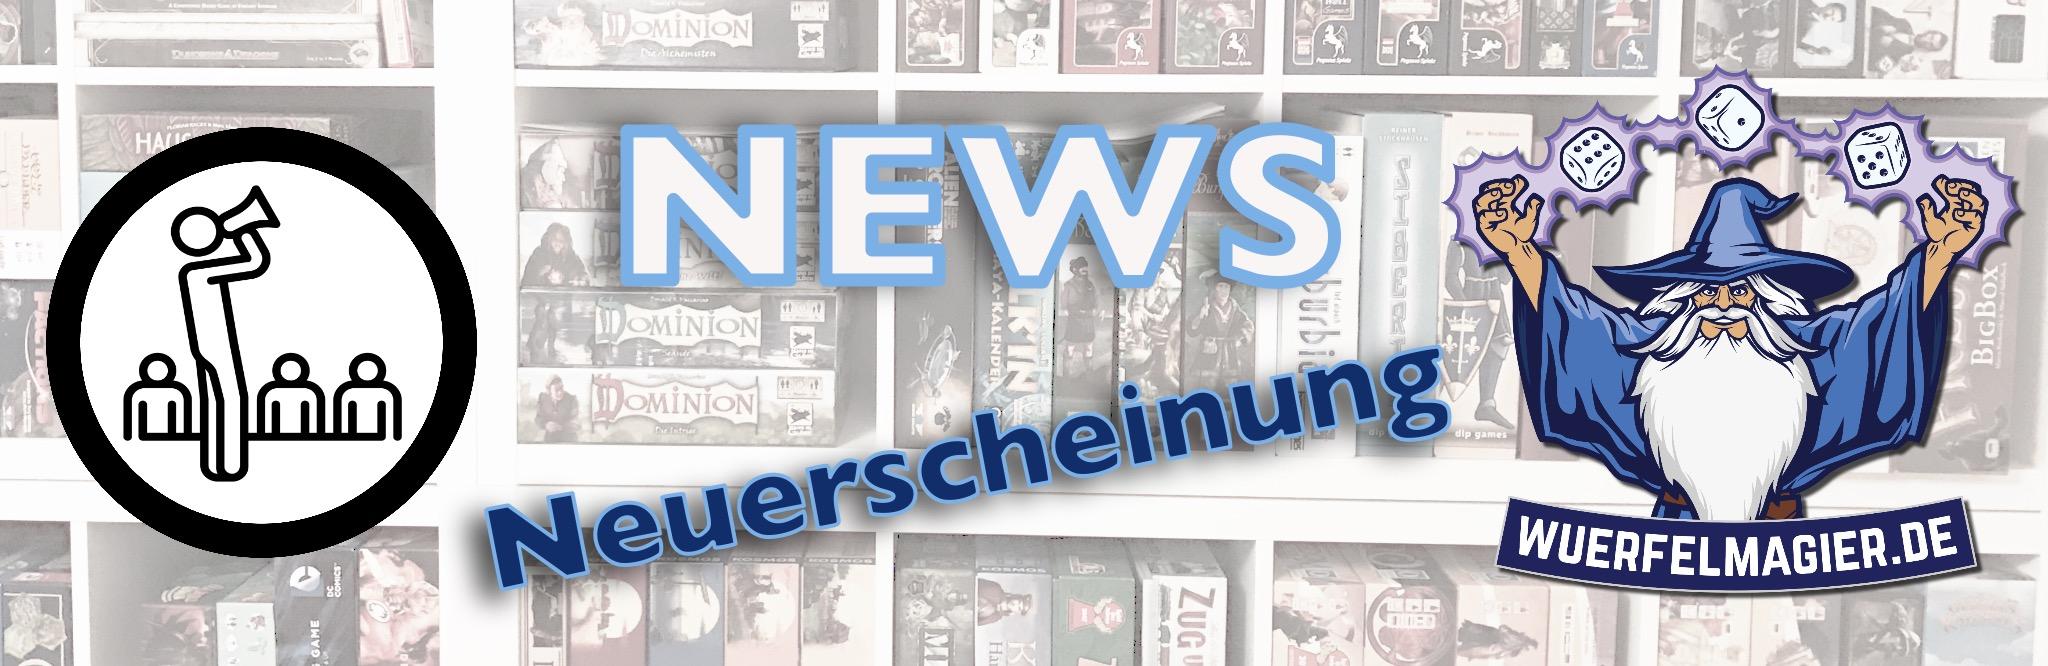 Würfelmagier Wuerfelmagier News Neuerscheinungen Nachrichten